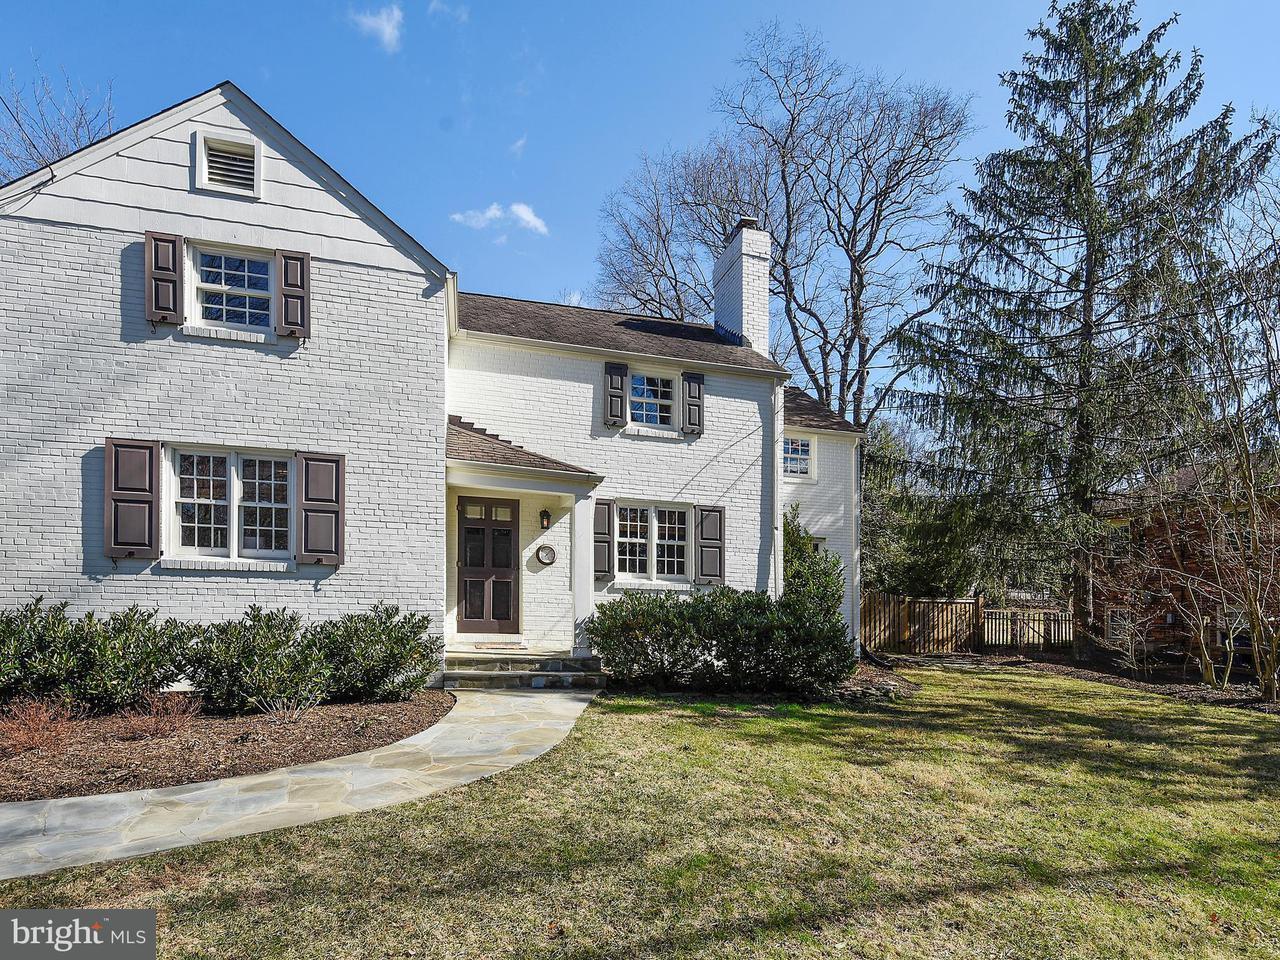 农场 为 销售 在 2849 Maple Lane 2849 Maple Lane Fairfax, 弗吉尼亚州 22031 美国